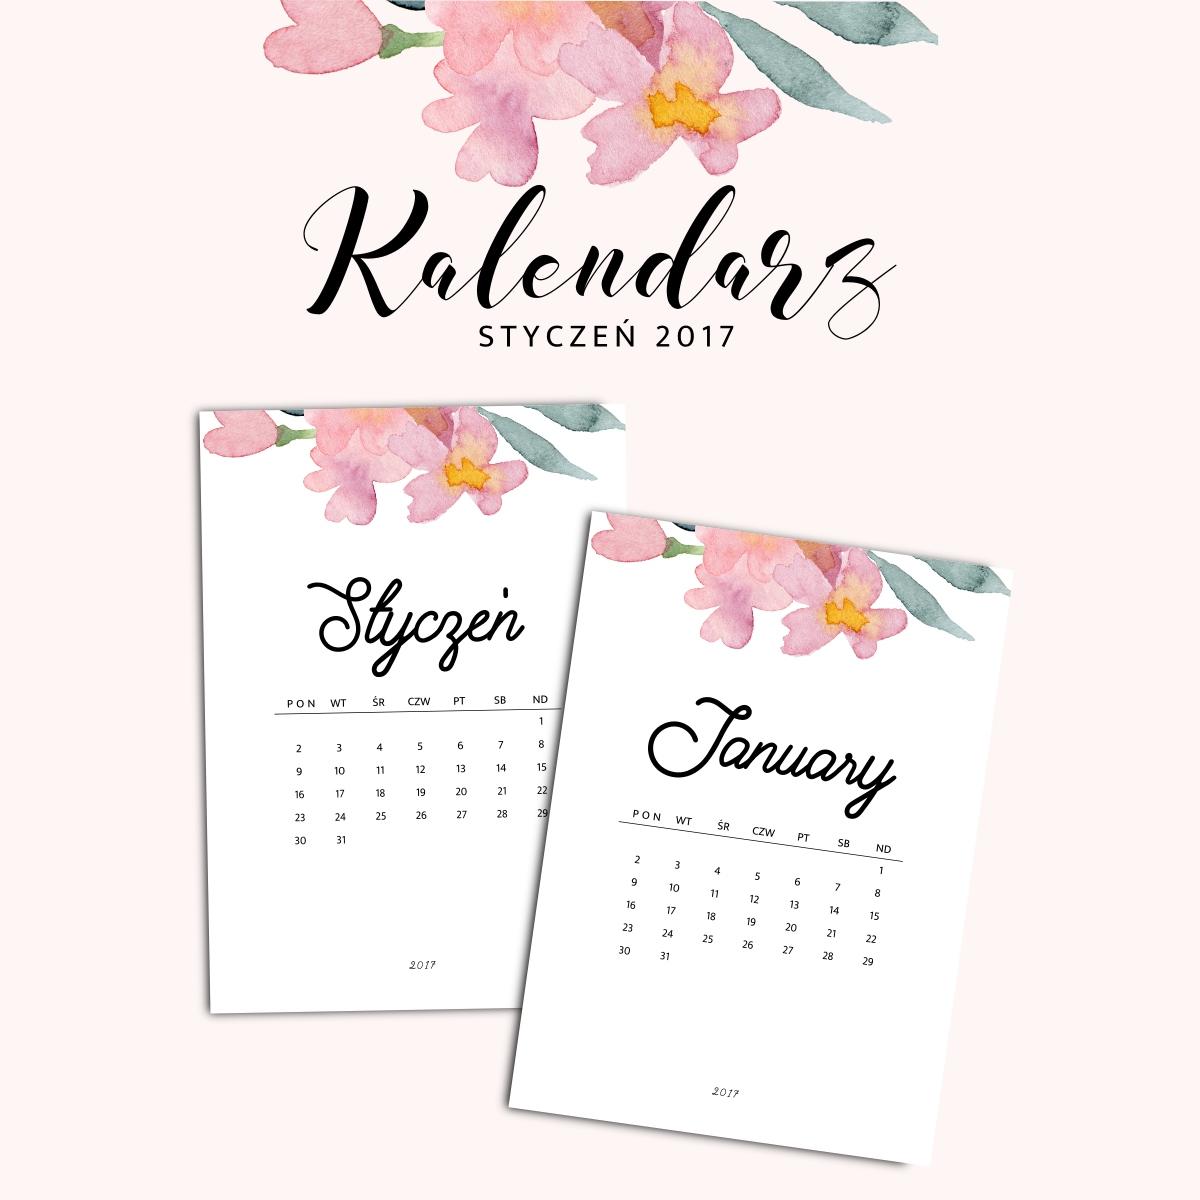 Kalendarz do druku - Styczeń 2017 {do pobrania za darmo}